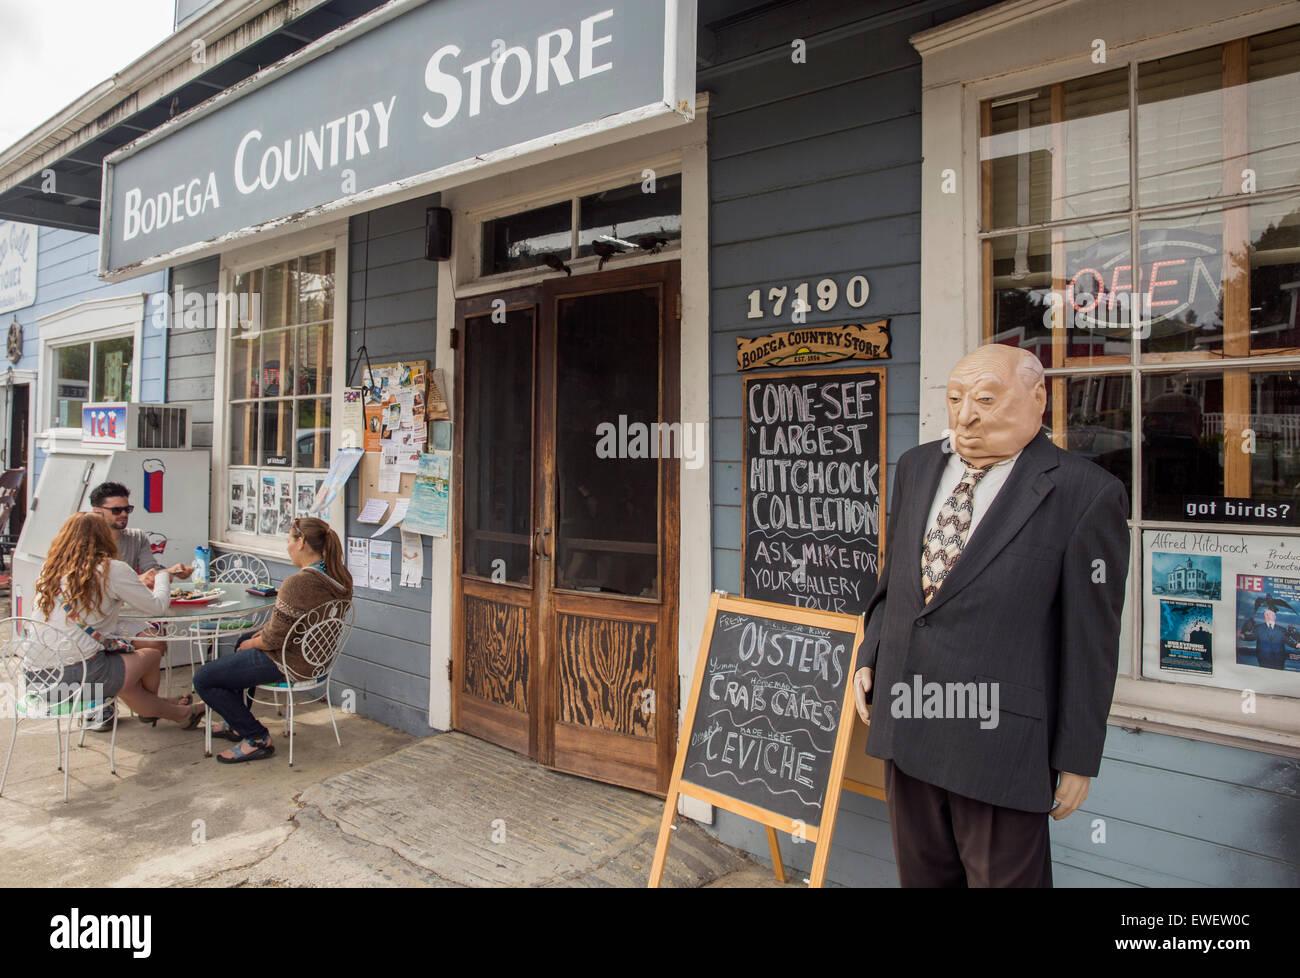 Un mannequin du réalisateur Alfred Hitchcock et manger le déjeuner en face de Bodega Country Store, Sonoma County, Californie Banque D'Images